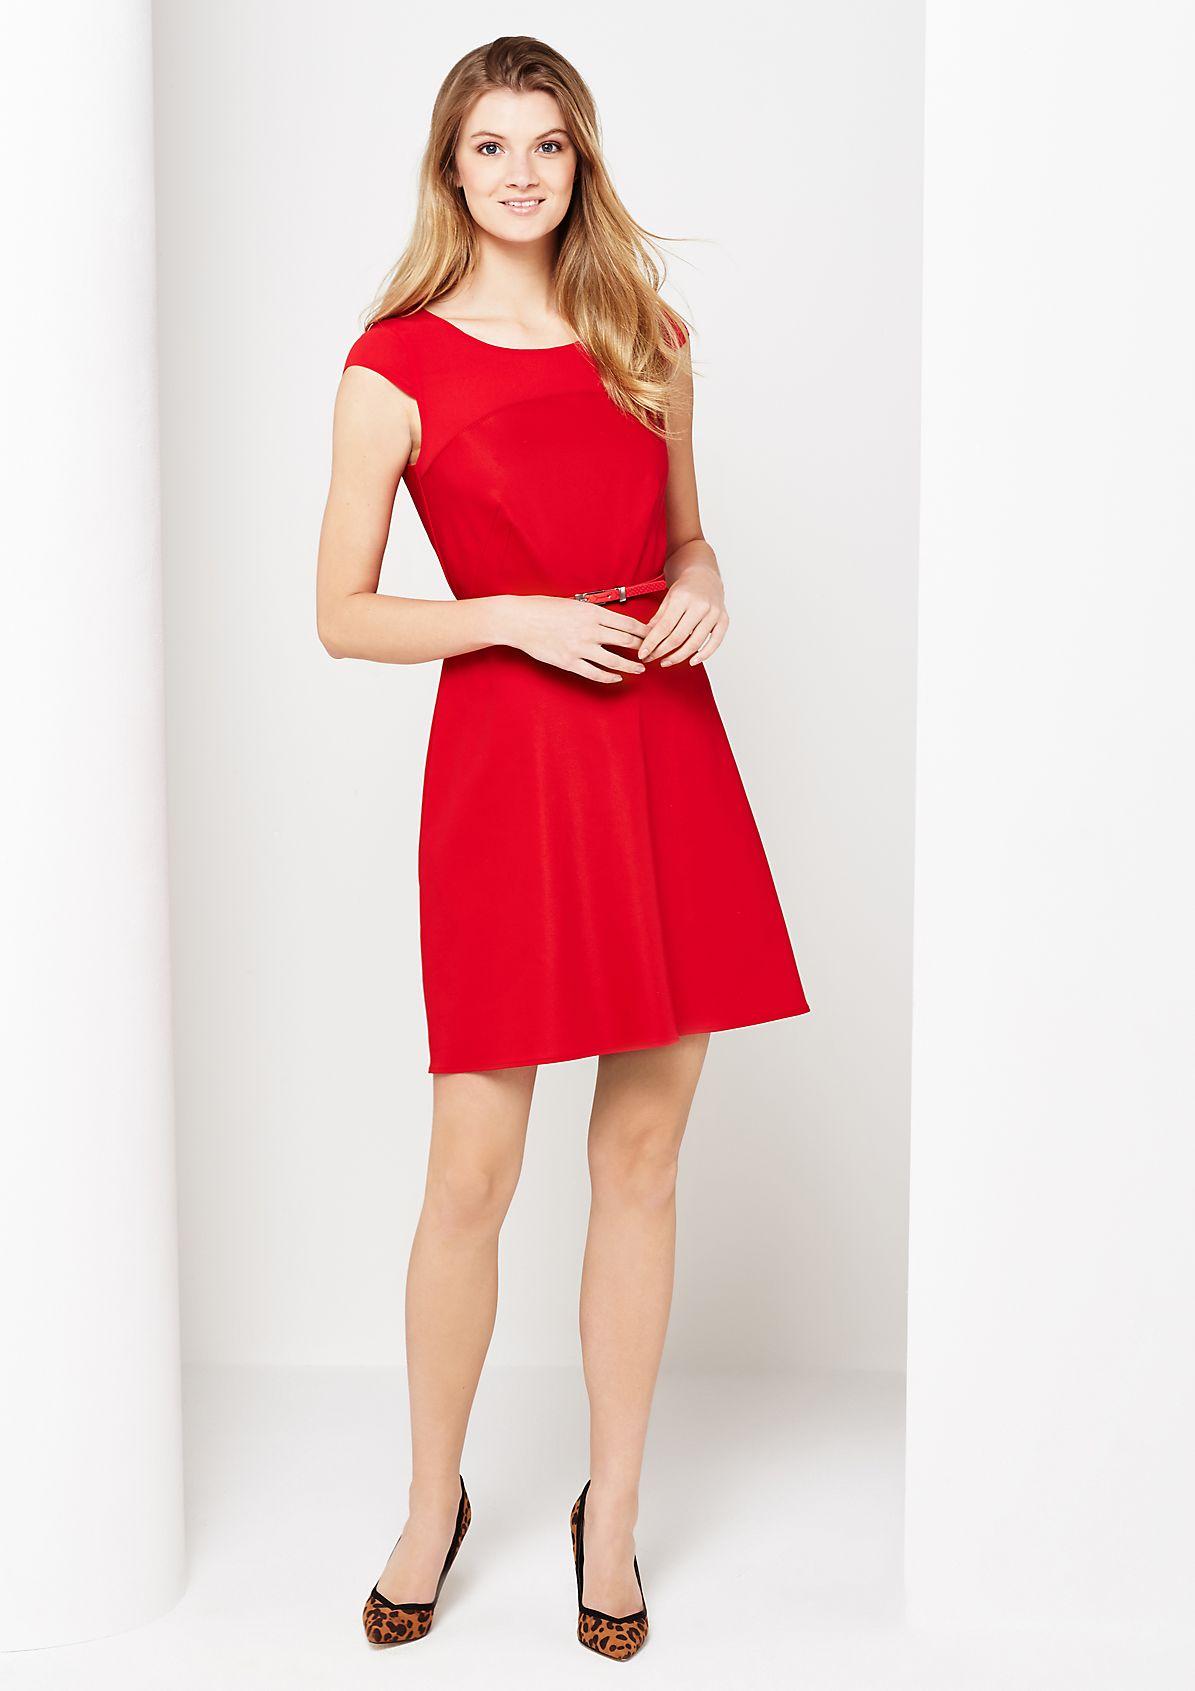 Elegantes Abendkleid mit schmalem Gürtel